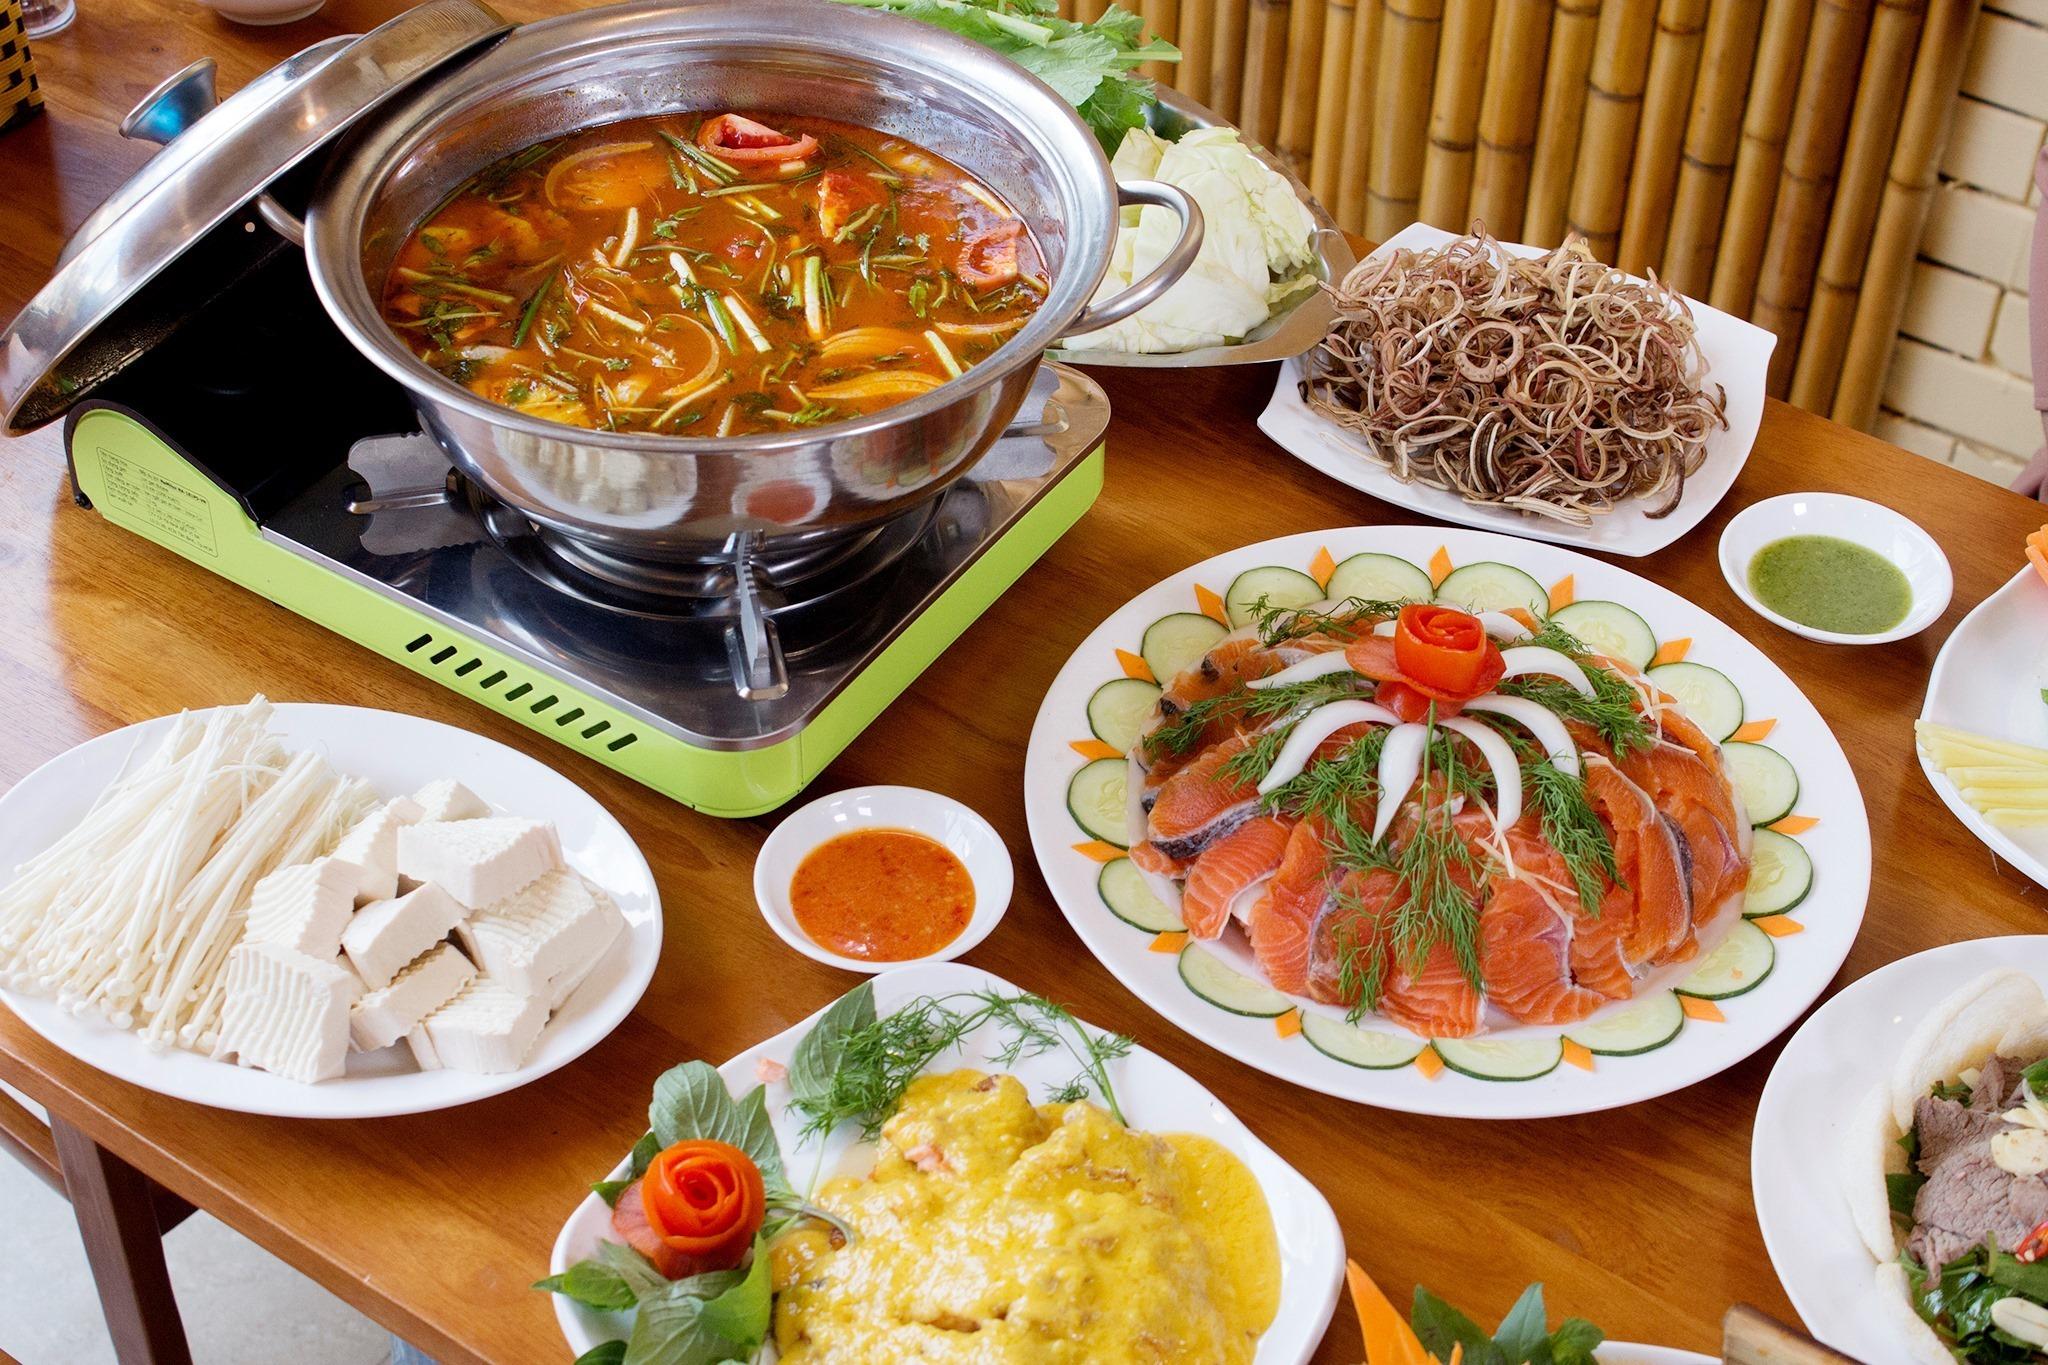 Khám phá những nhà hàng ở Sapa được hội sành ăn 'review' nhiều nhất  - Ảnh 6.